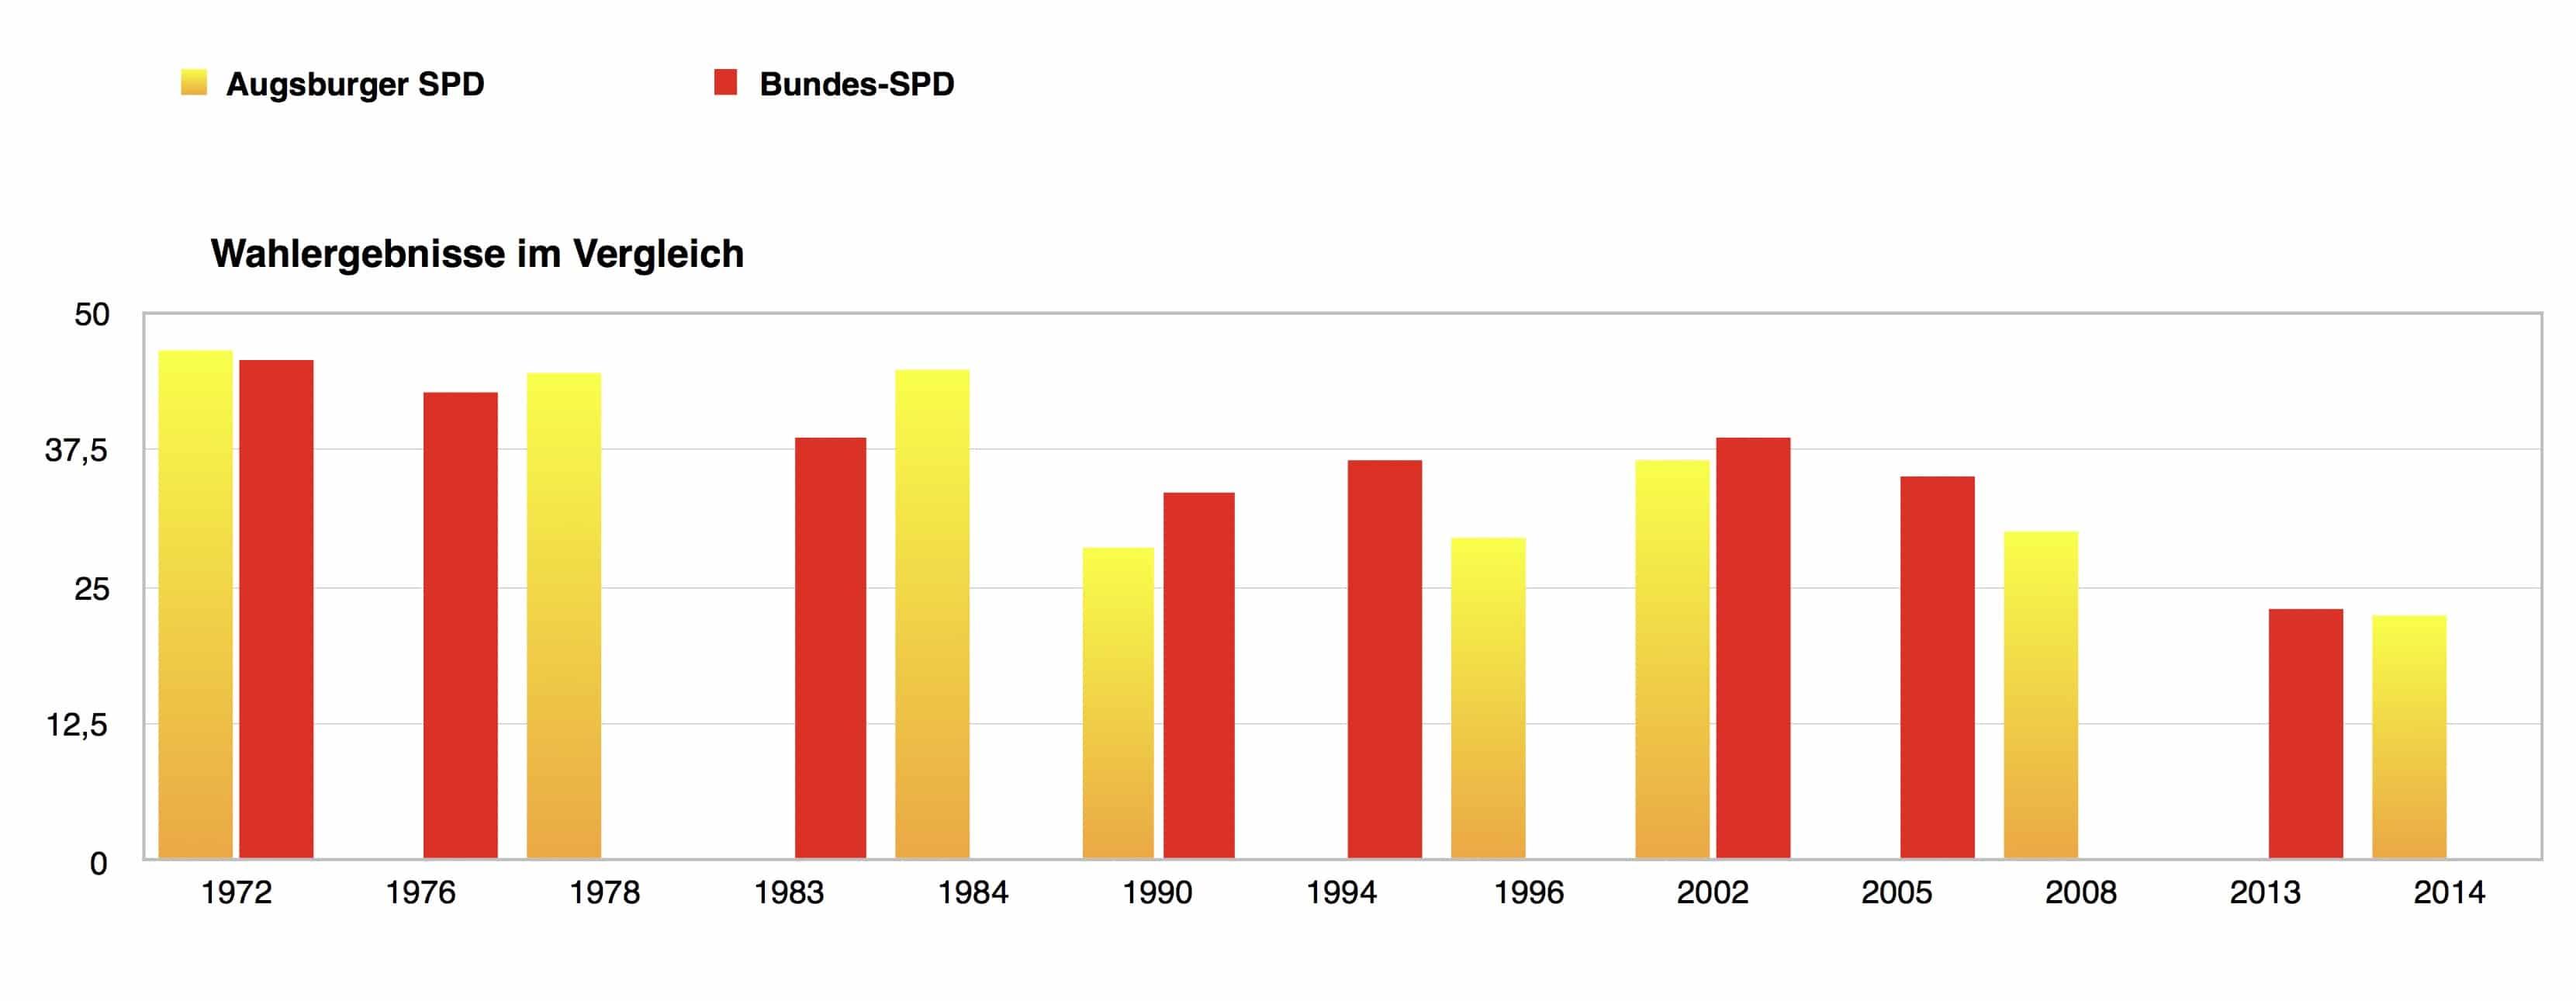 Wahlergebnisse der Augsburger SPD und der Bundes-SPD im Vergleich (c) DAZ